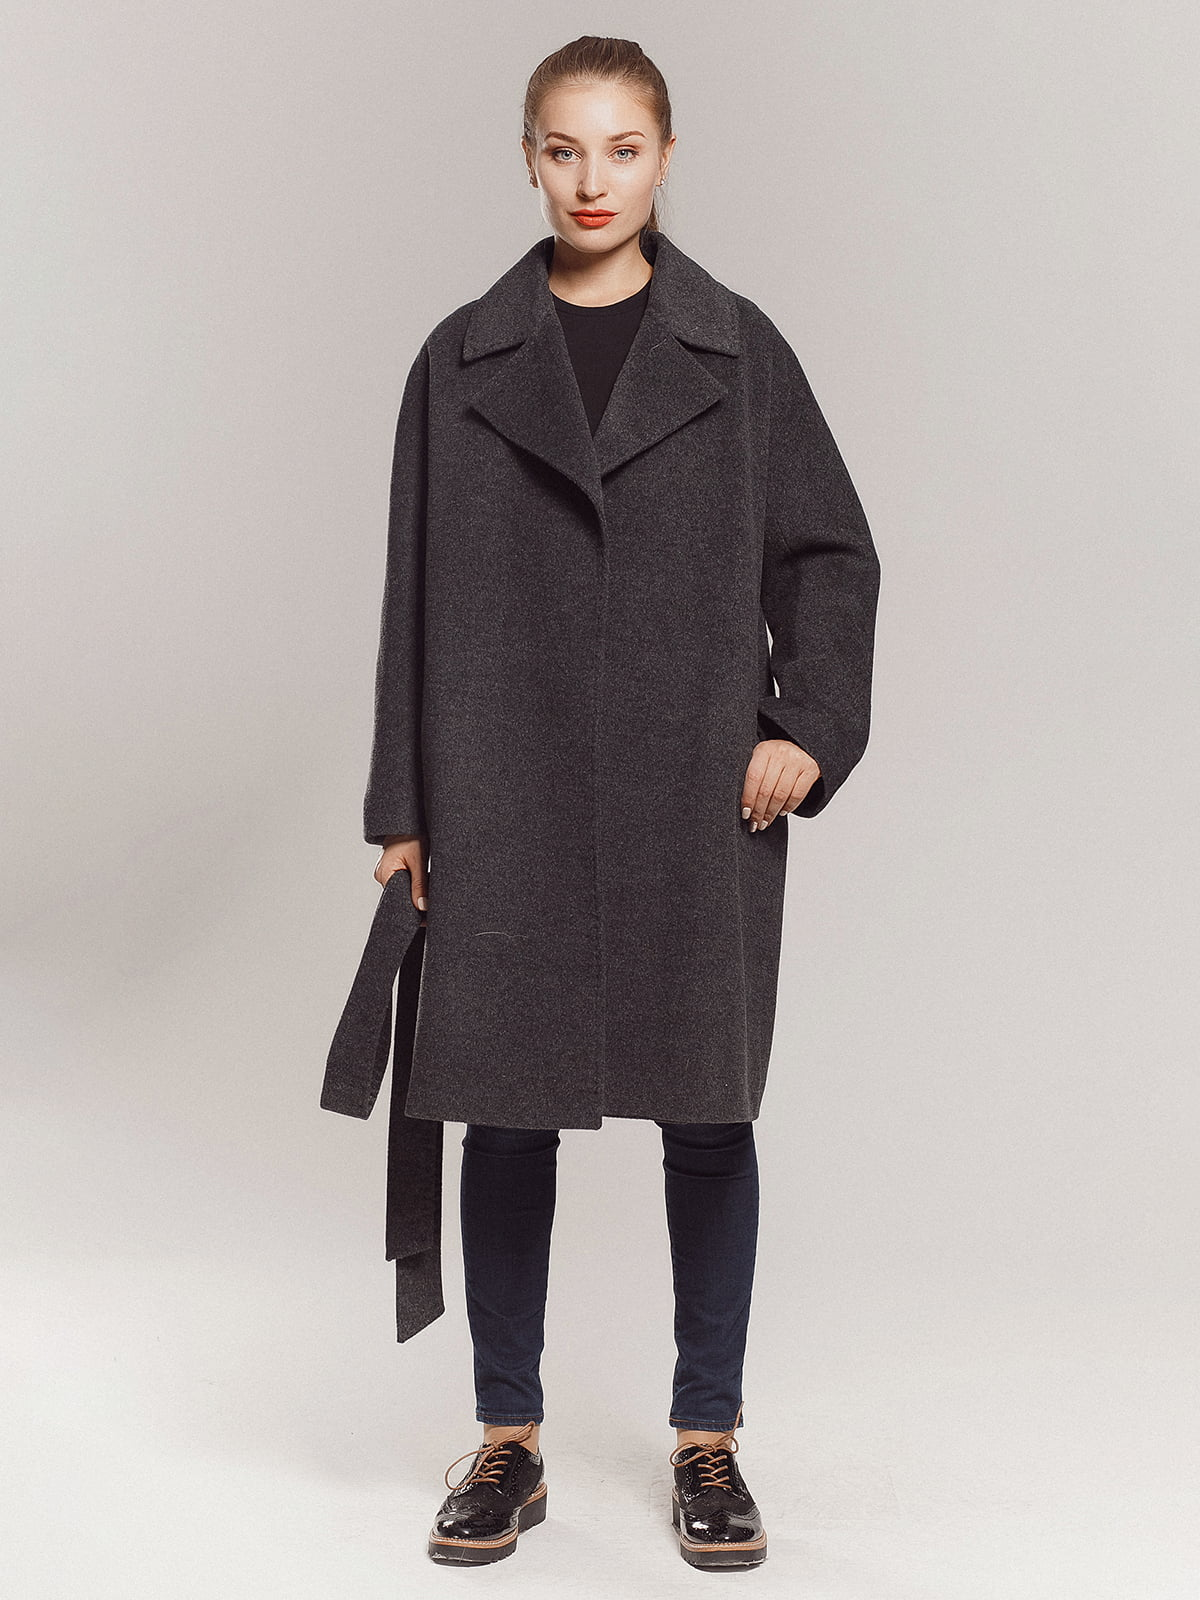 Пальто сіре | 4739366 | фото 7